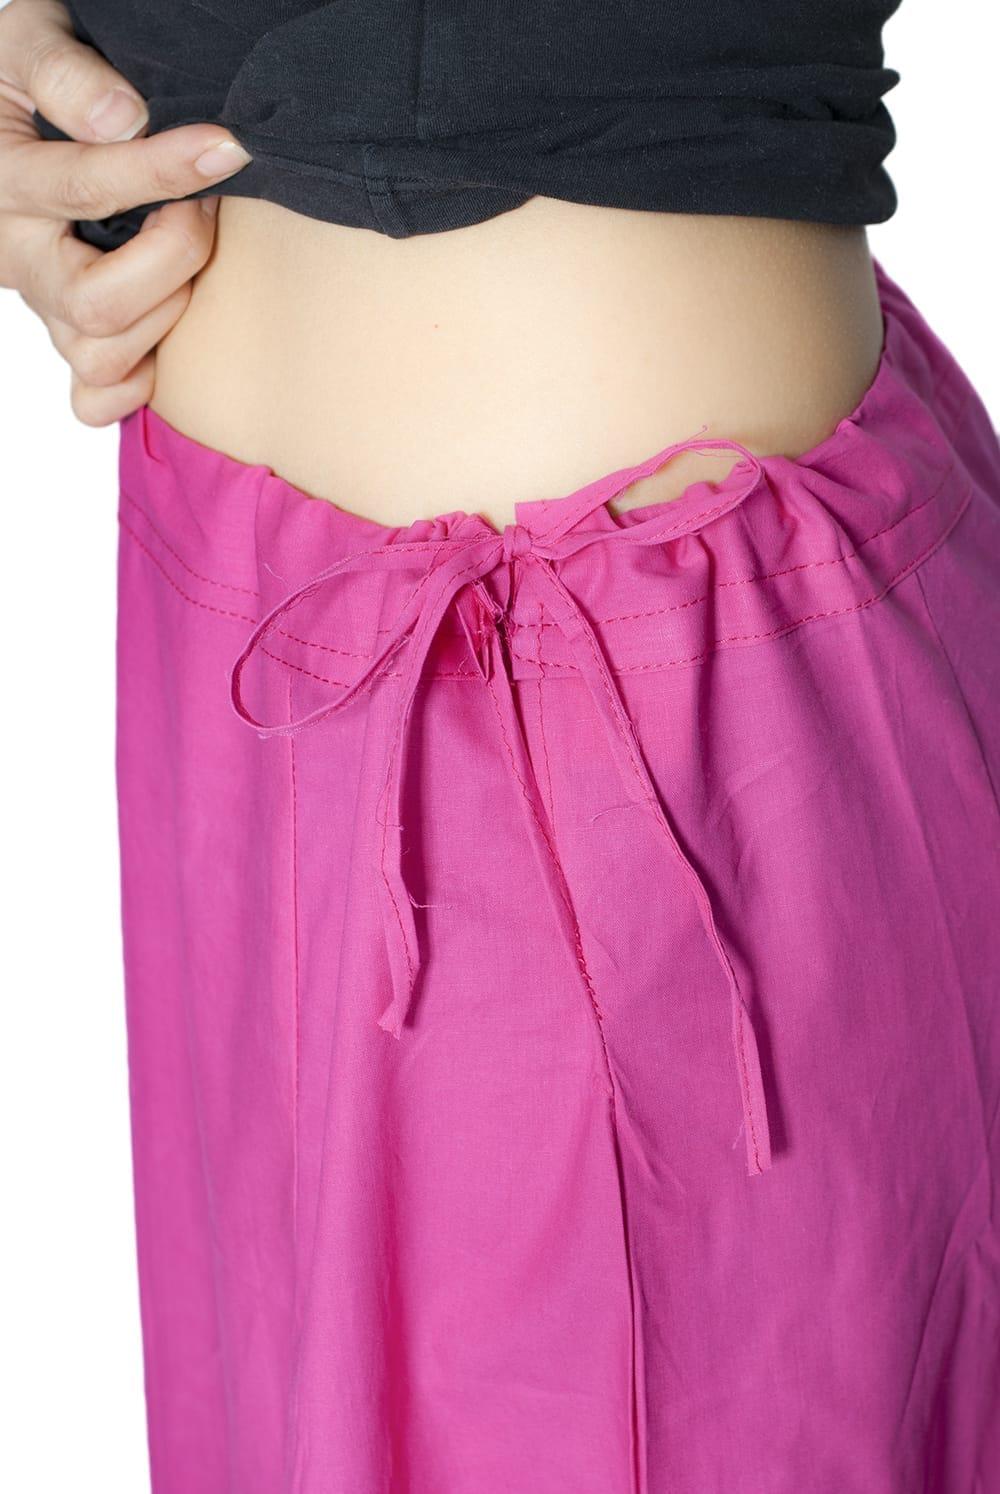 サリーの下に着るペチコート - ベビーピンク 6 - このように紐で調整できるフリーサイズ(最大ウエスト100cm程度)です。